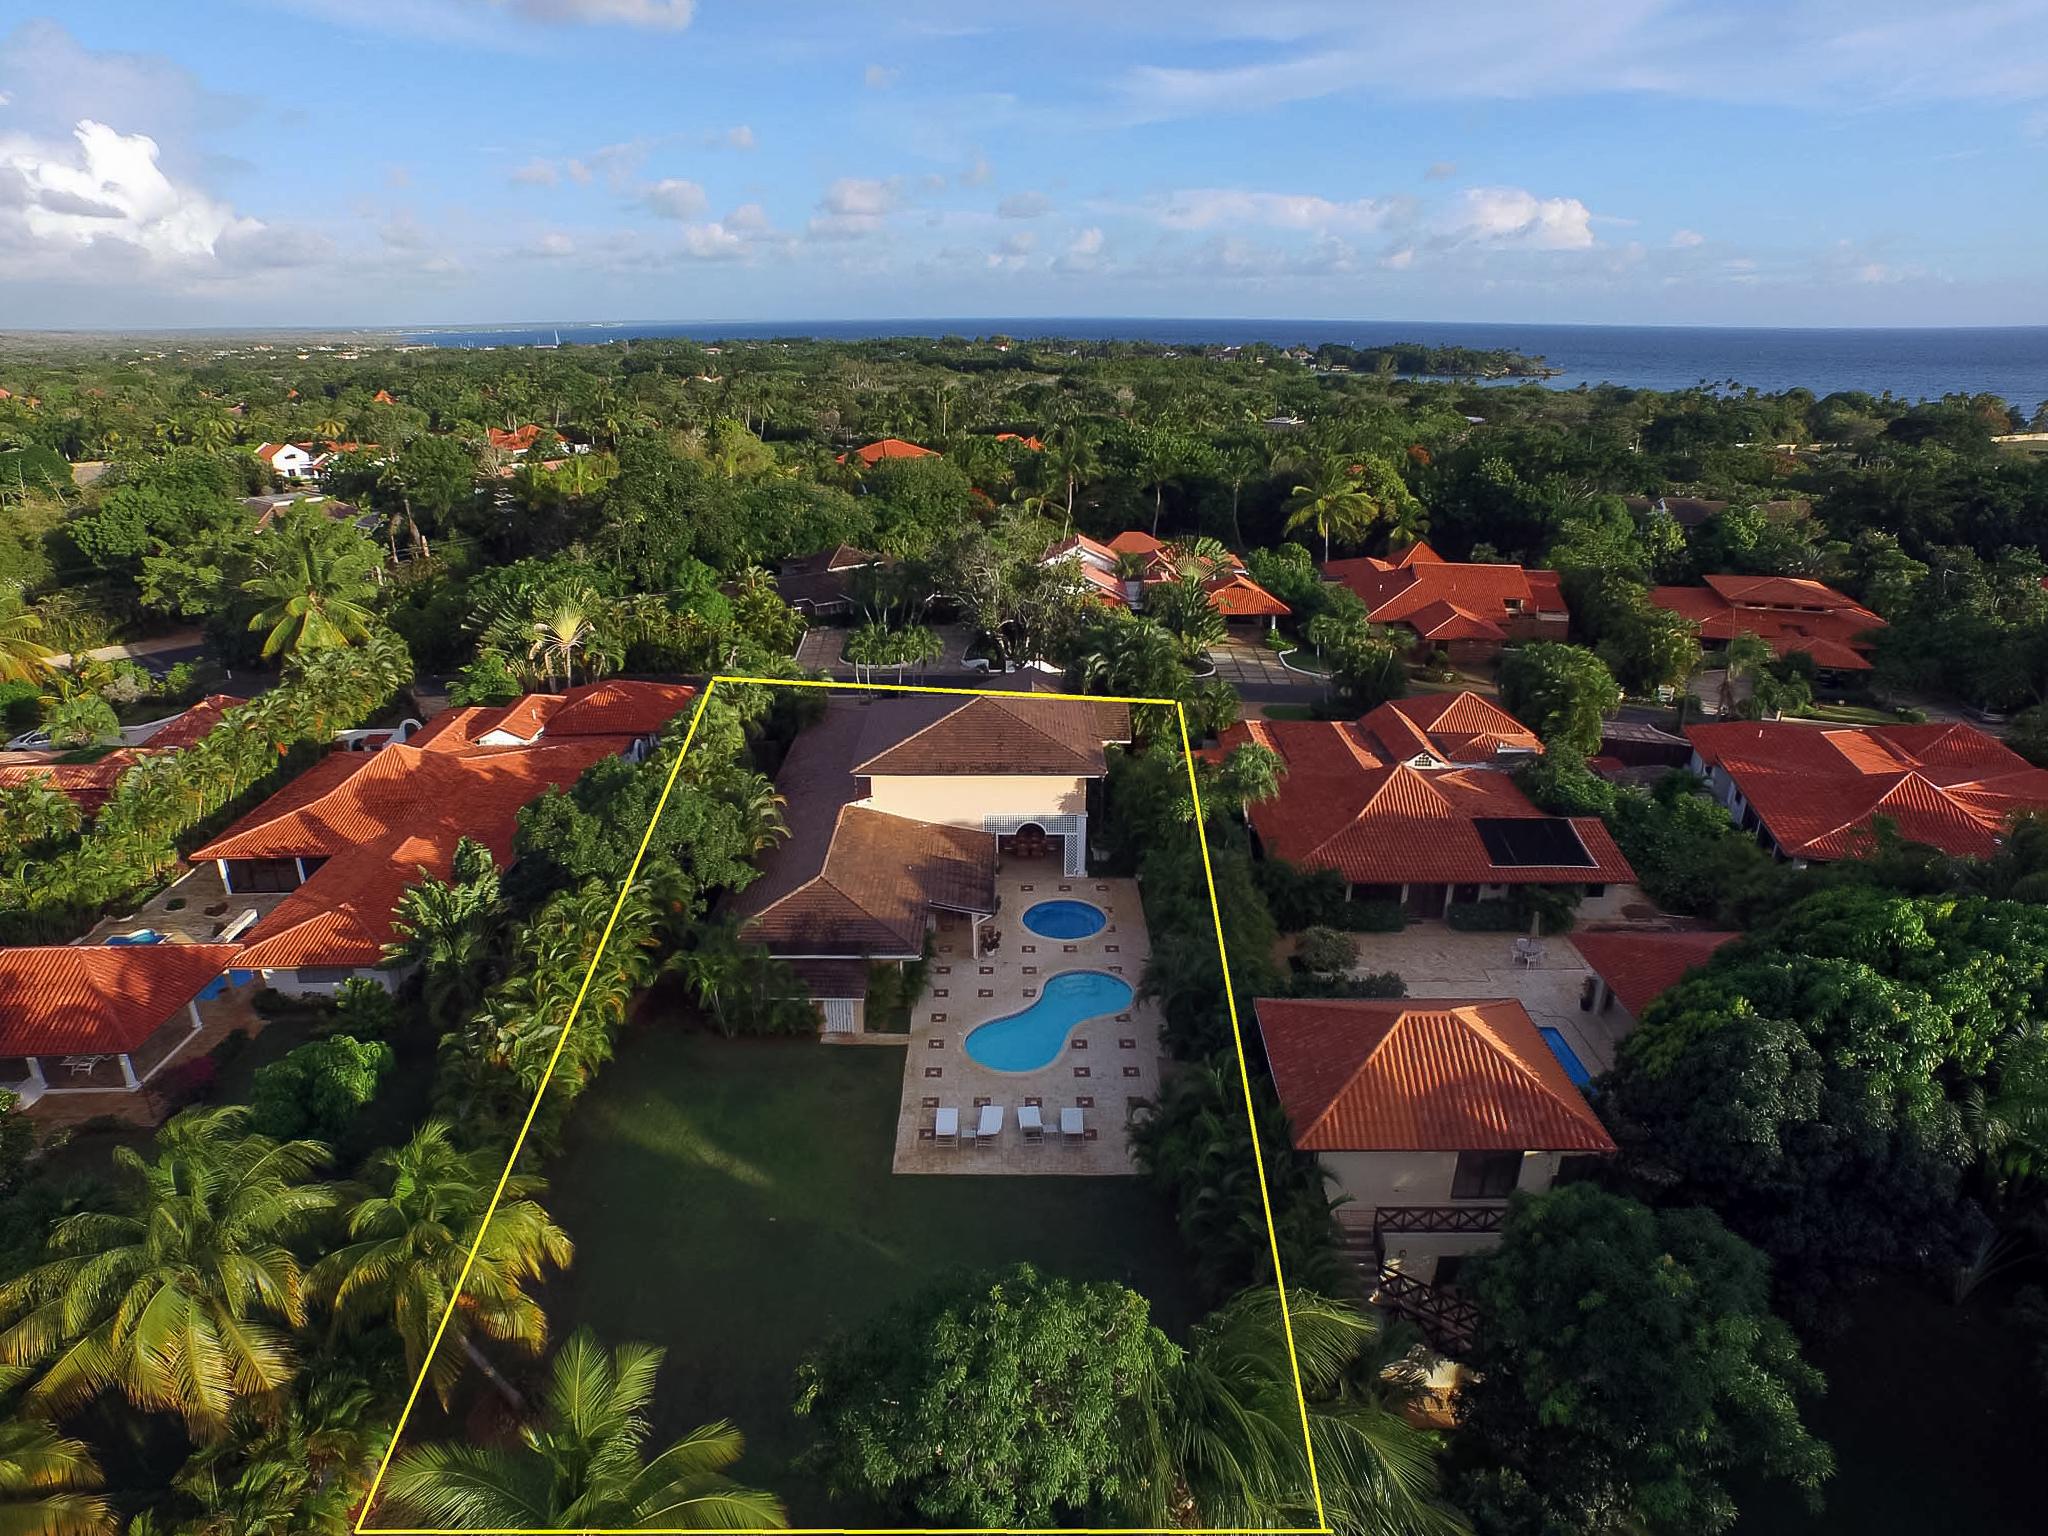 Just reduced los lagos casa de campo dominican - Casas de campo ...